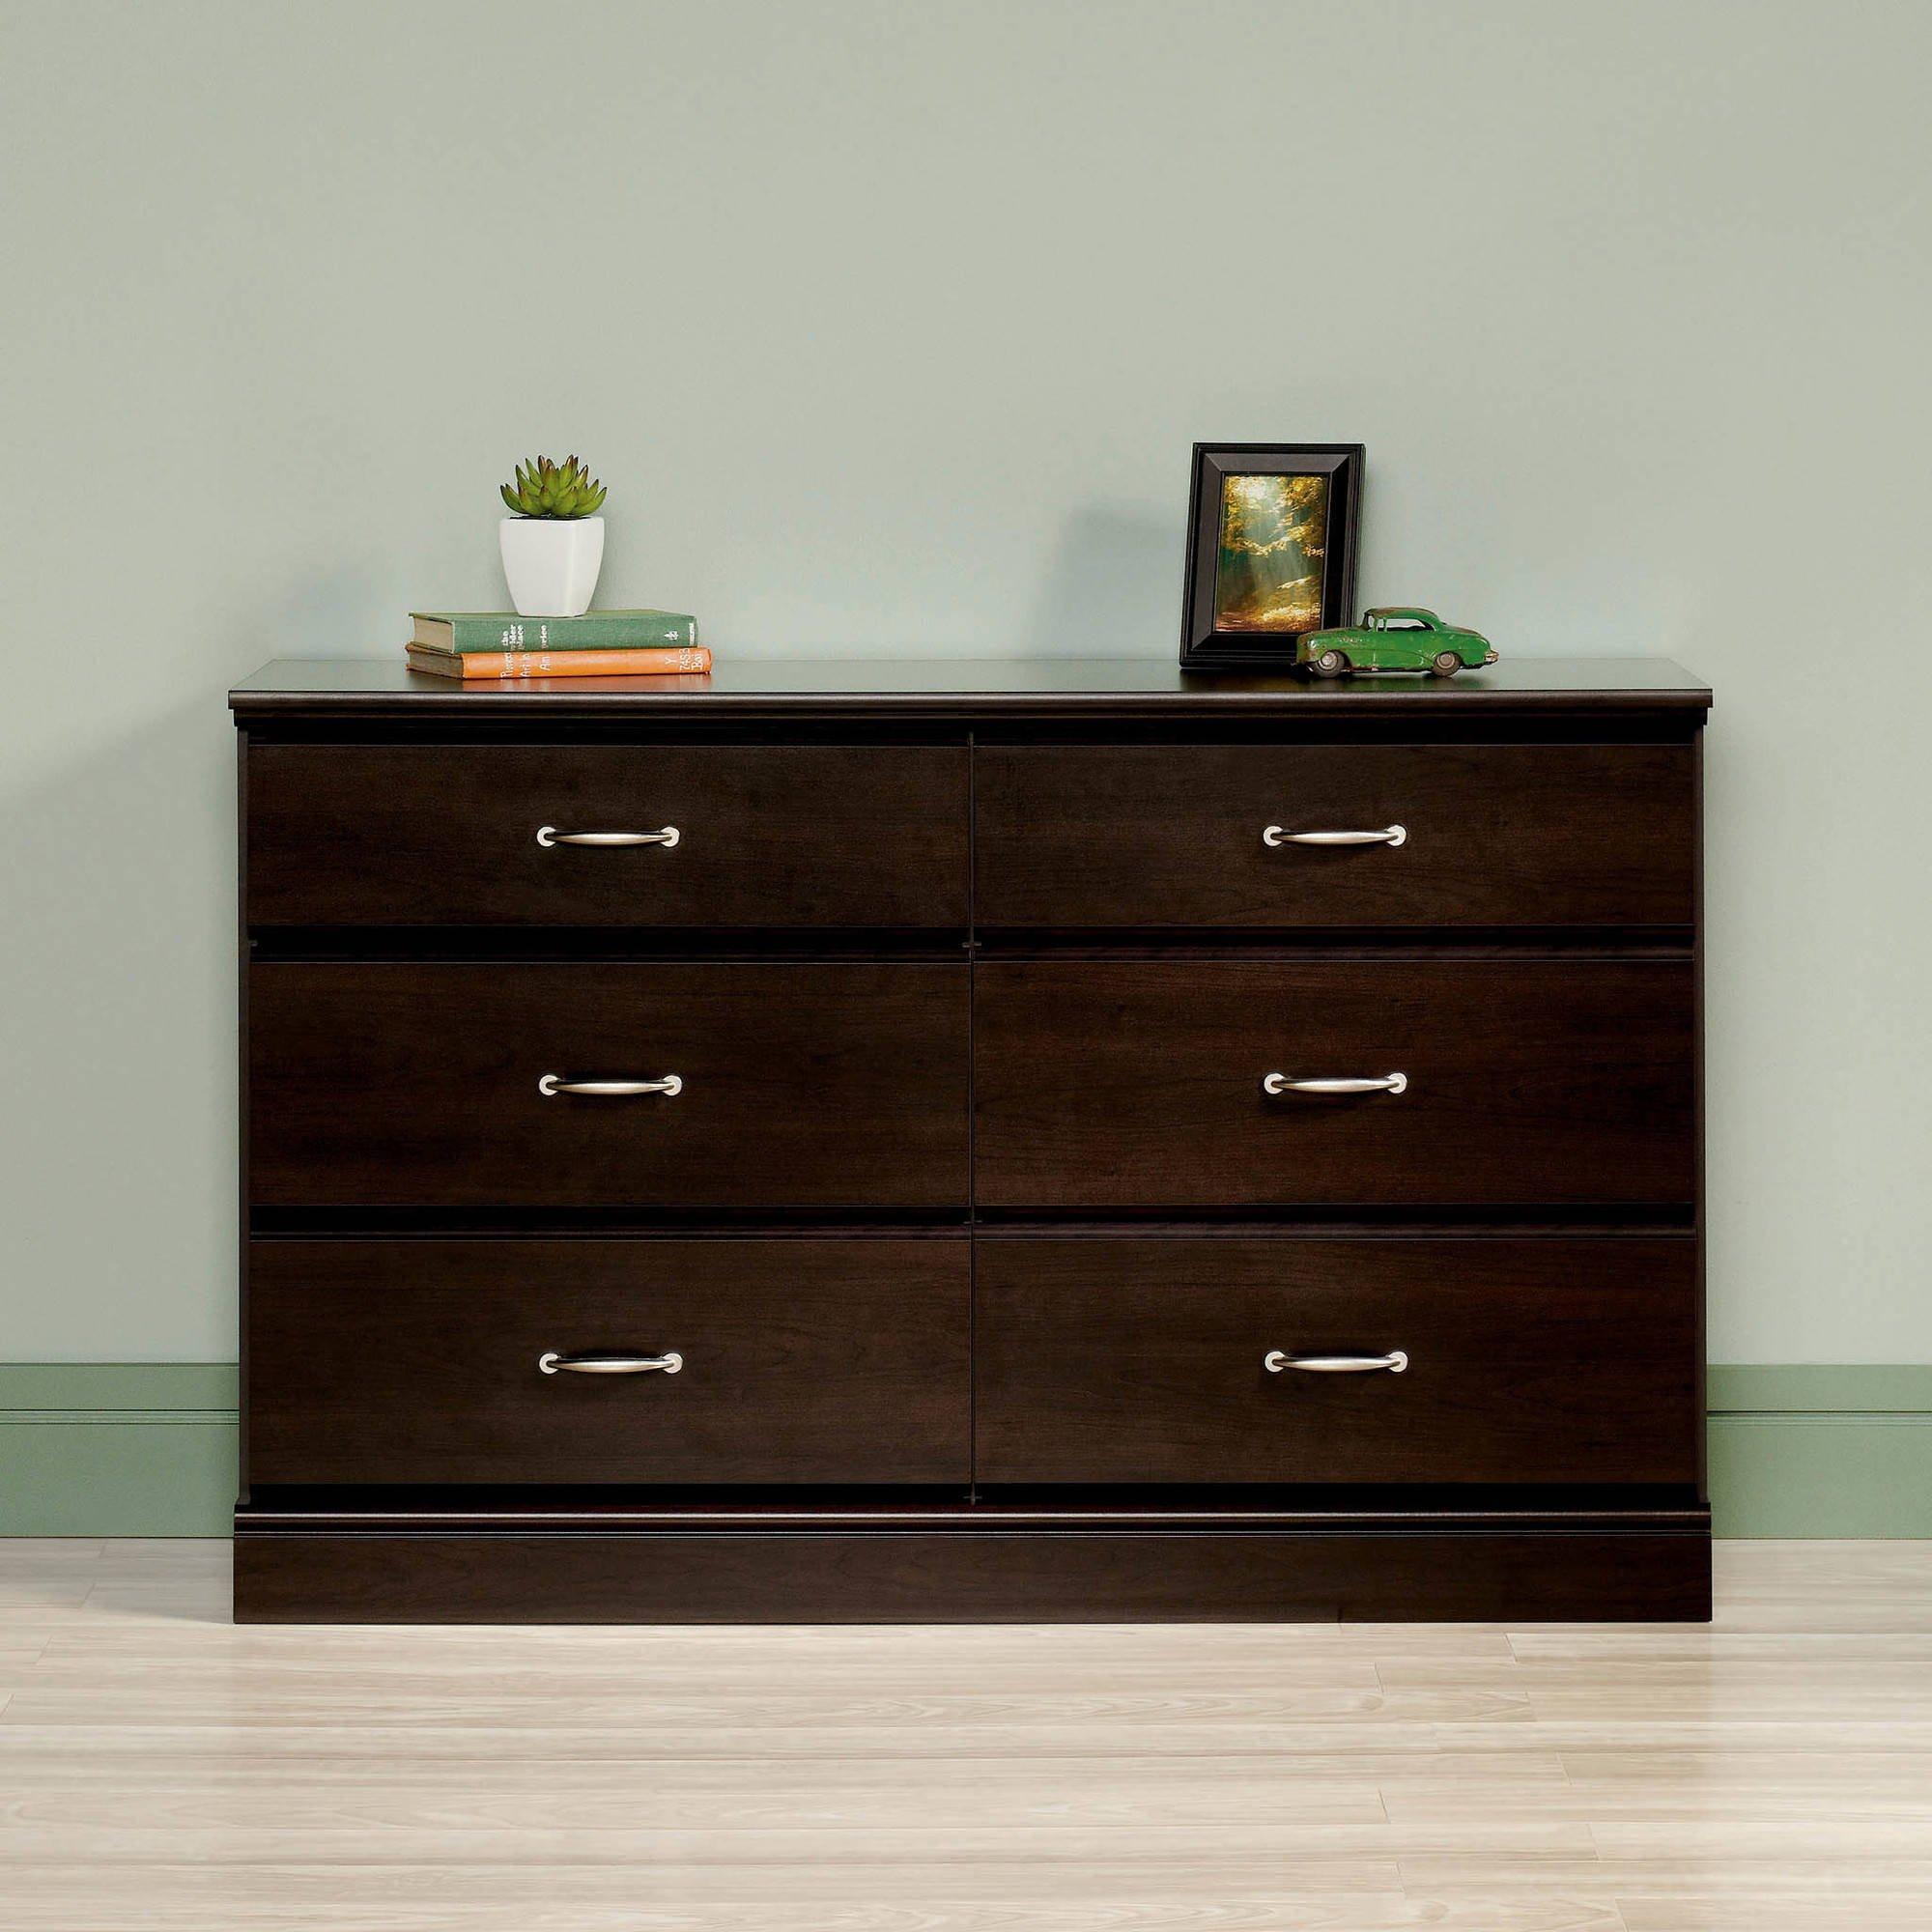 Mainstays Parklane 6-Drawer Dresser, Espresso Cinnamon Cherry